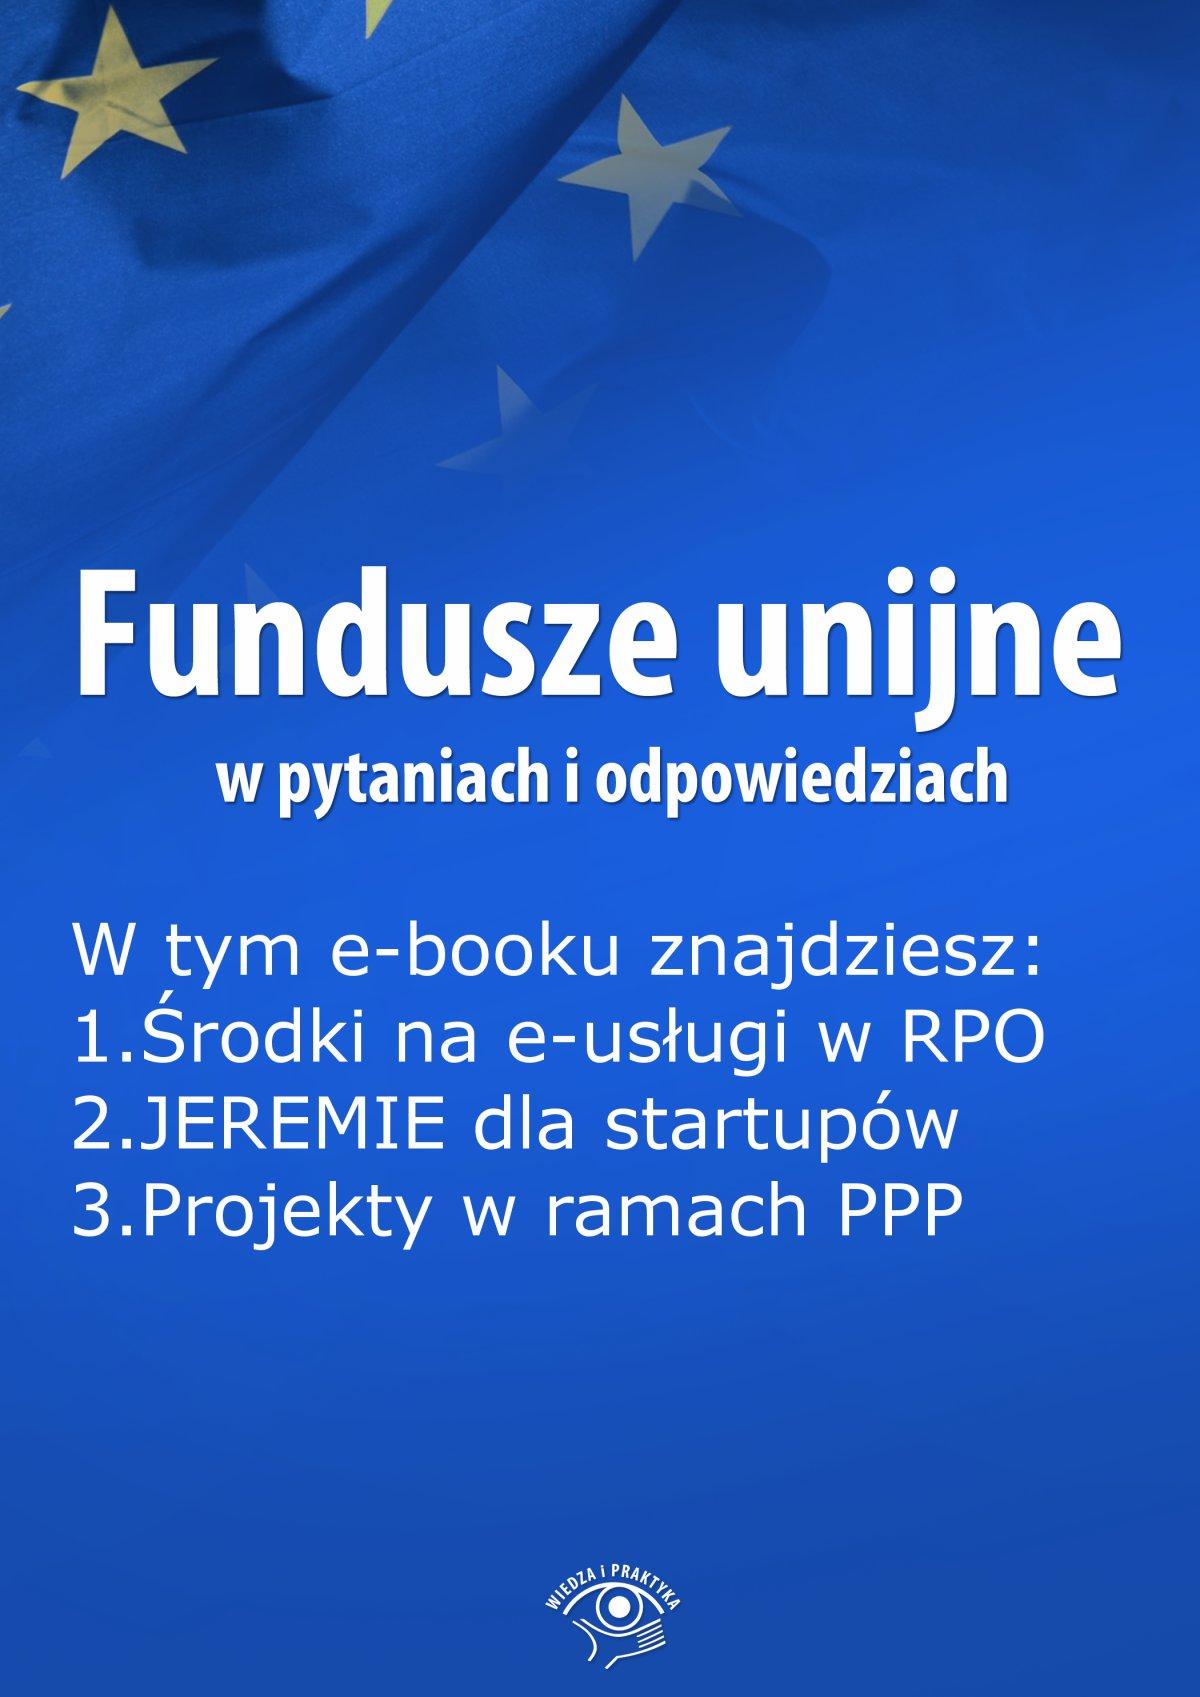 Fundusze unijne w pytaniach i odpowiedziach, wydanie październik 2015 r. - Ebook (Książka EPUB) do pobrania w formacie EPUB